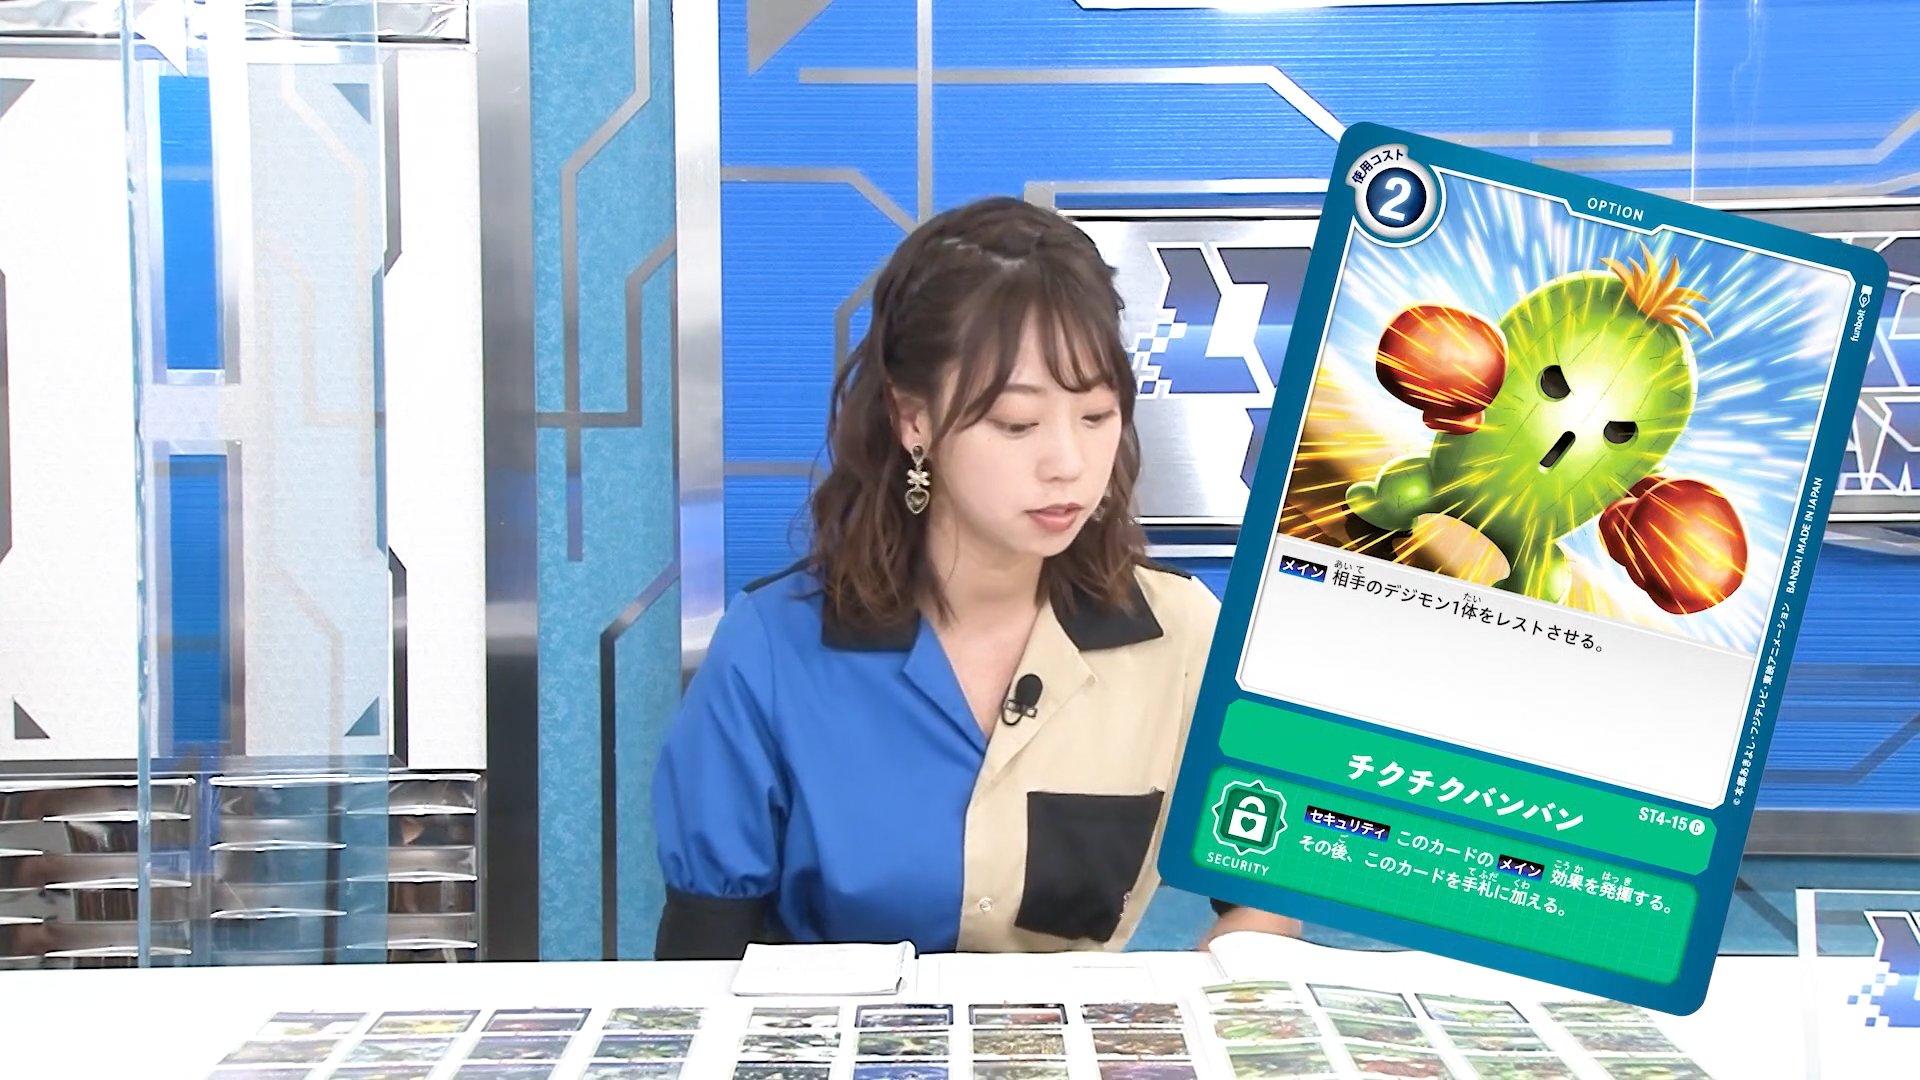 digimoncardbattle_v2_07_02_november19_2020.jpg